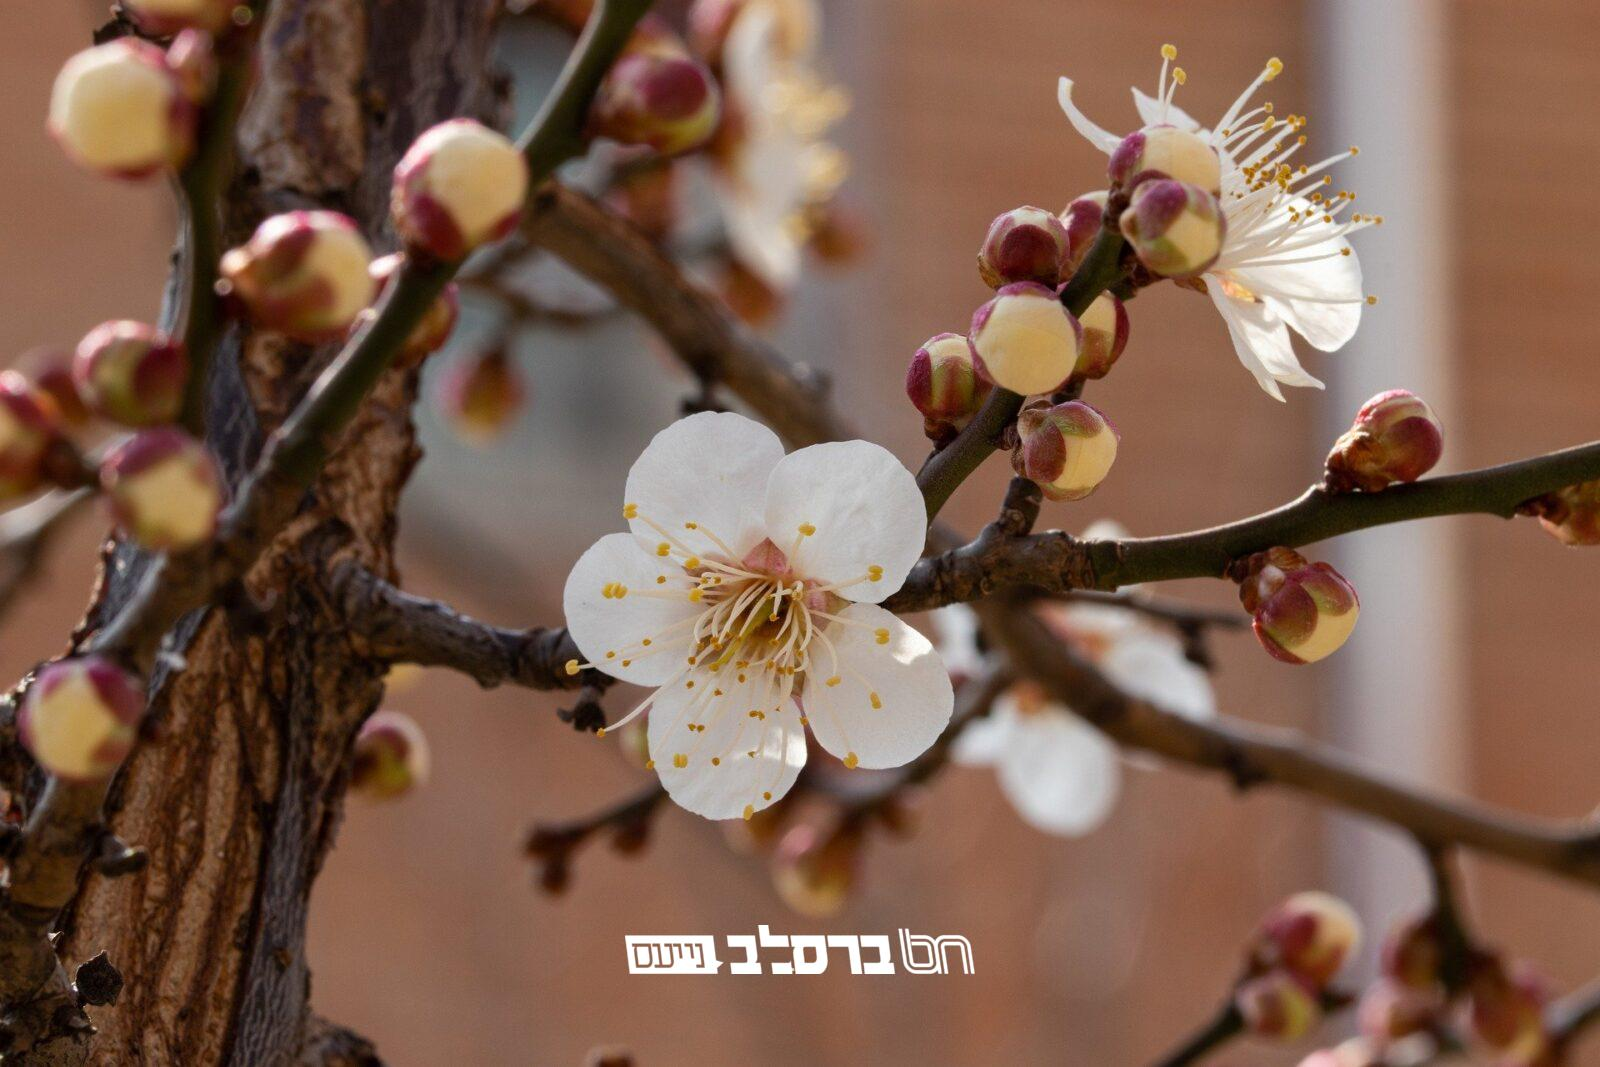 אִילָנֵי דִמְלַבְלְבֵי • חודש ניסן: הרואה אילנות מאכל המלבלבים מברך 'ברכת האילנות'